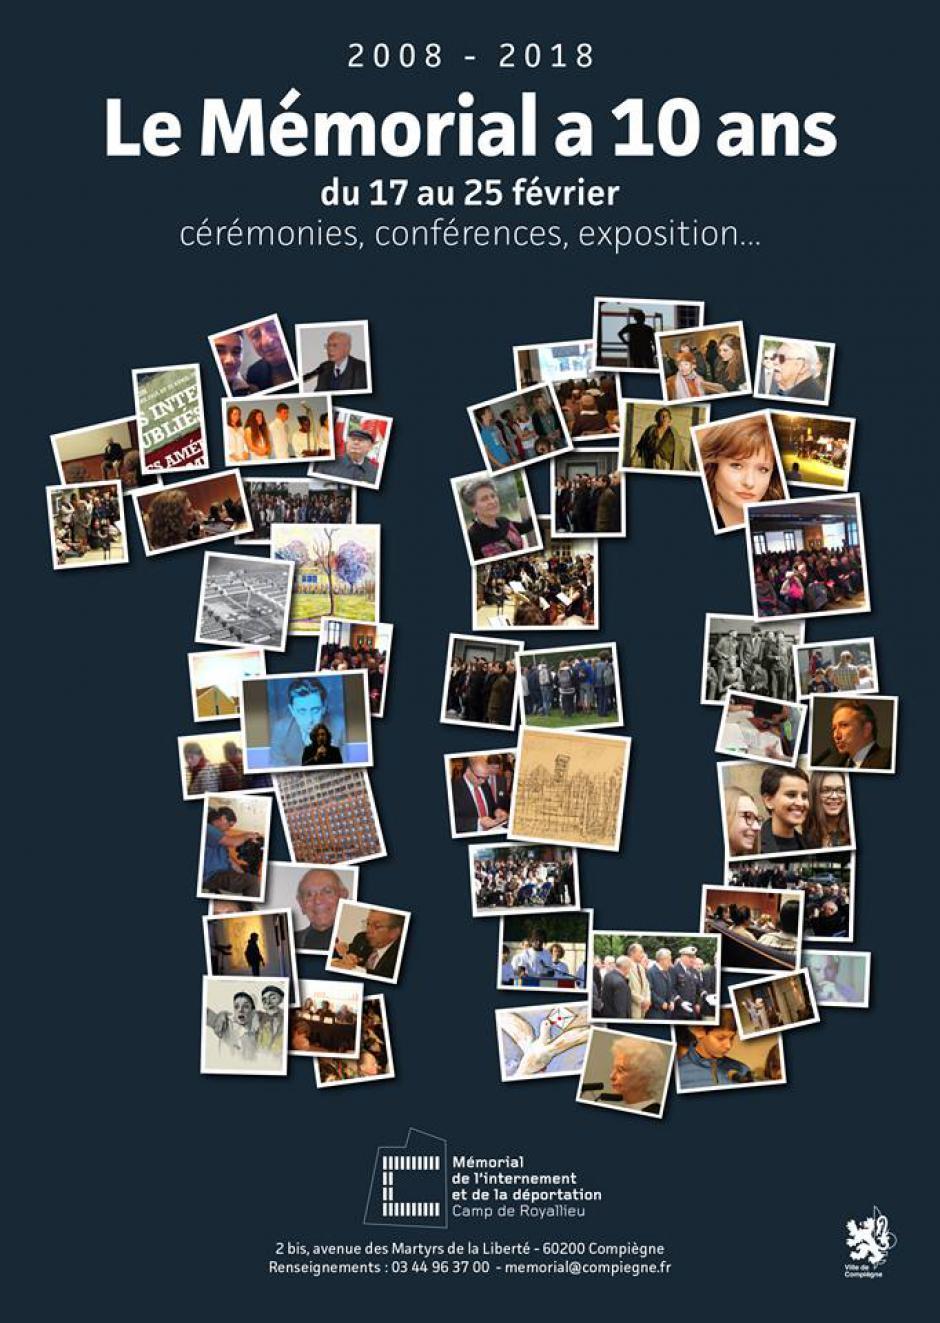 Compiègne, du 17 au 25 février 2018 - Le Mémorial a 10 ans !